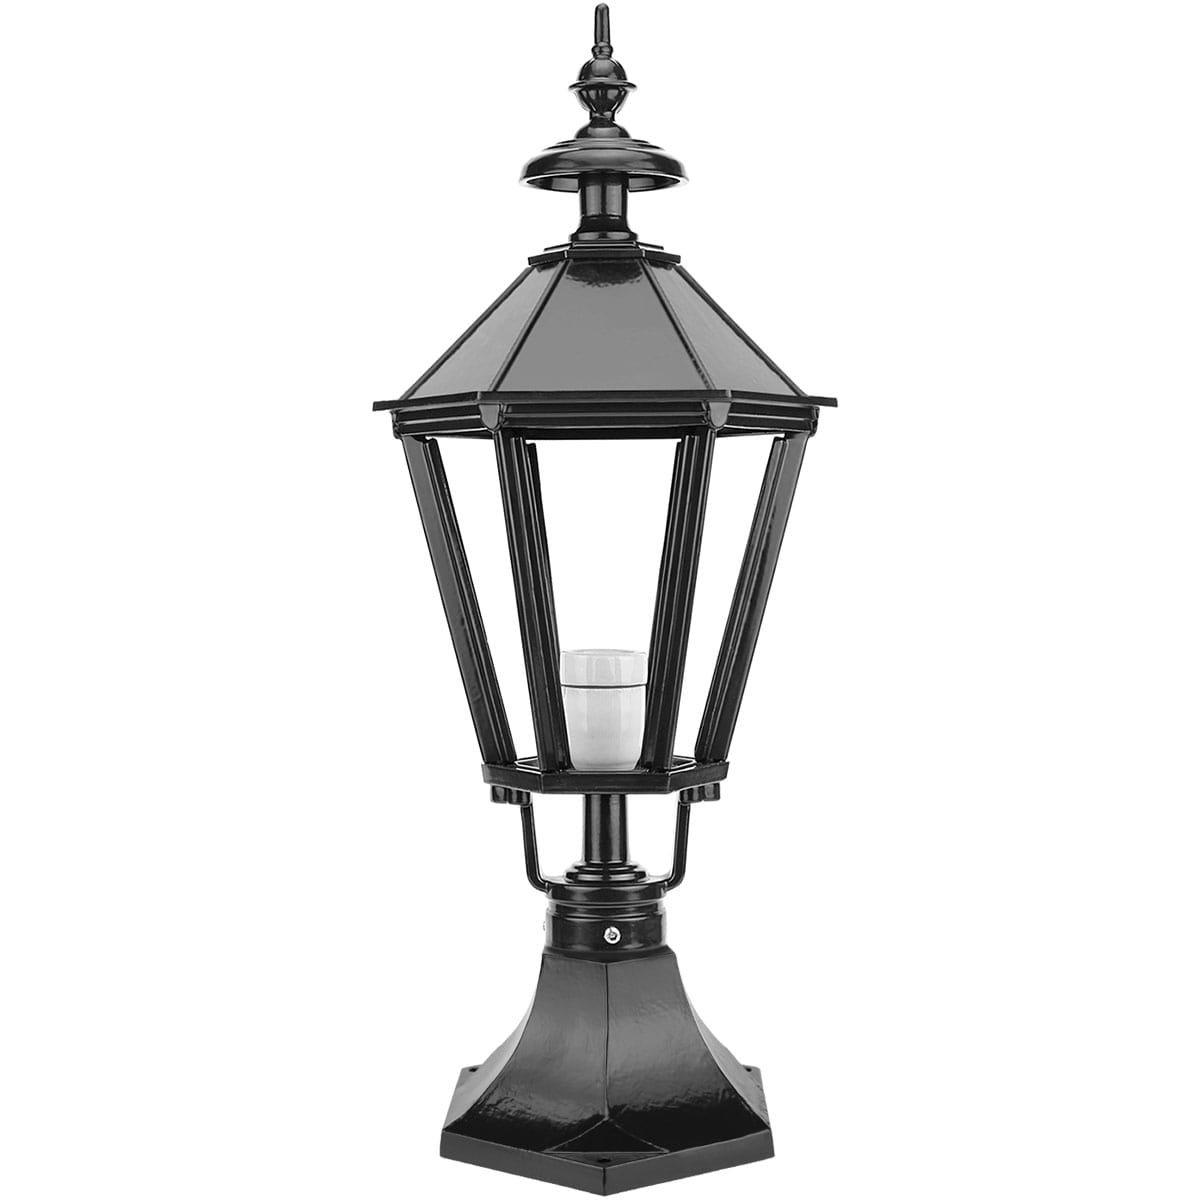 Buitenverlichting Klassiek Landelijk Buitenlamp Vinkeveen - 64 cm